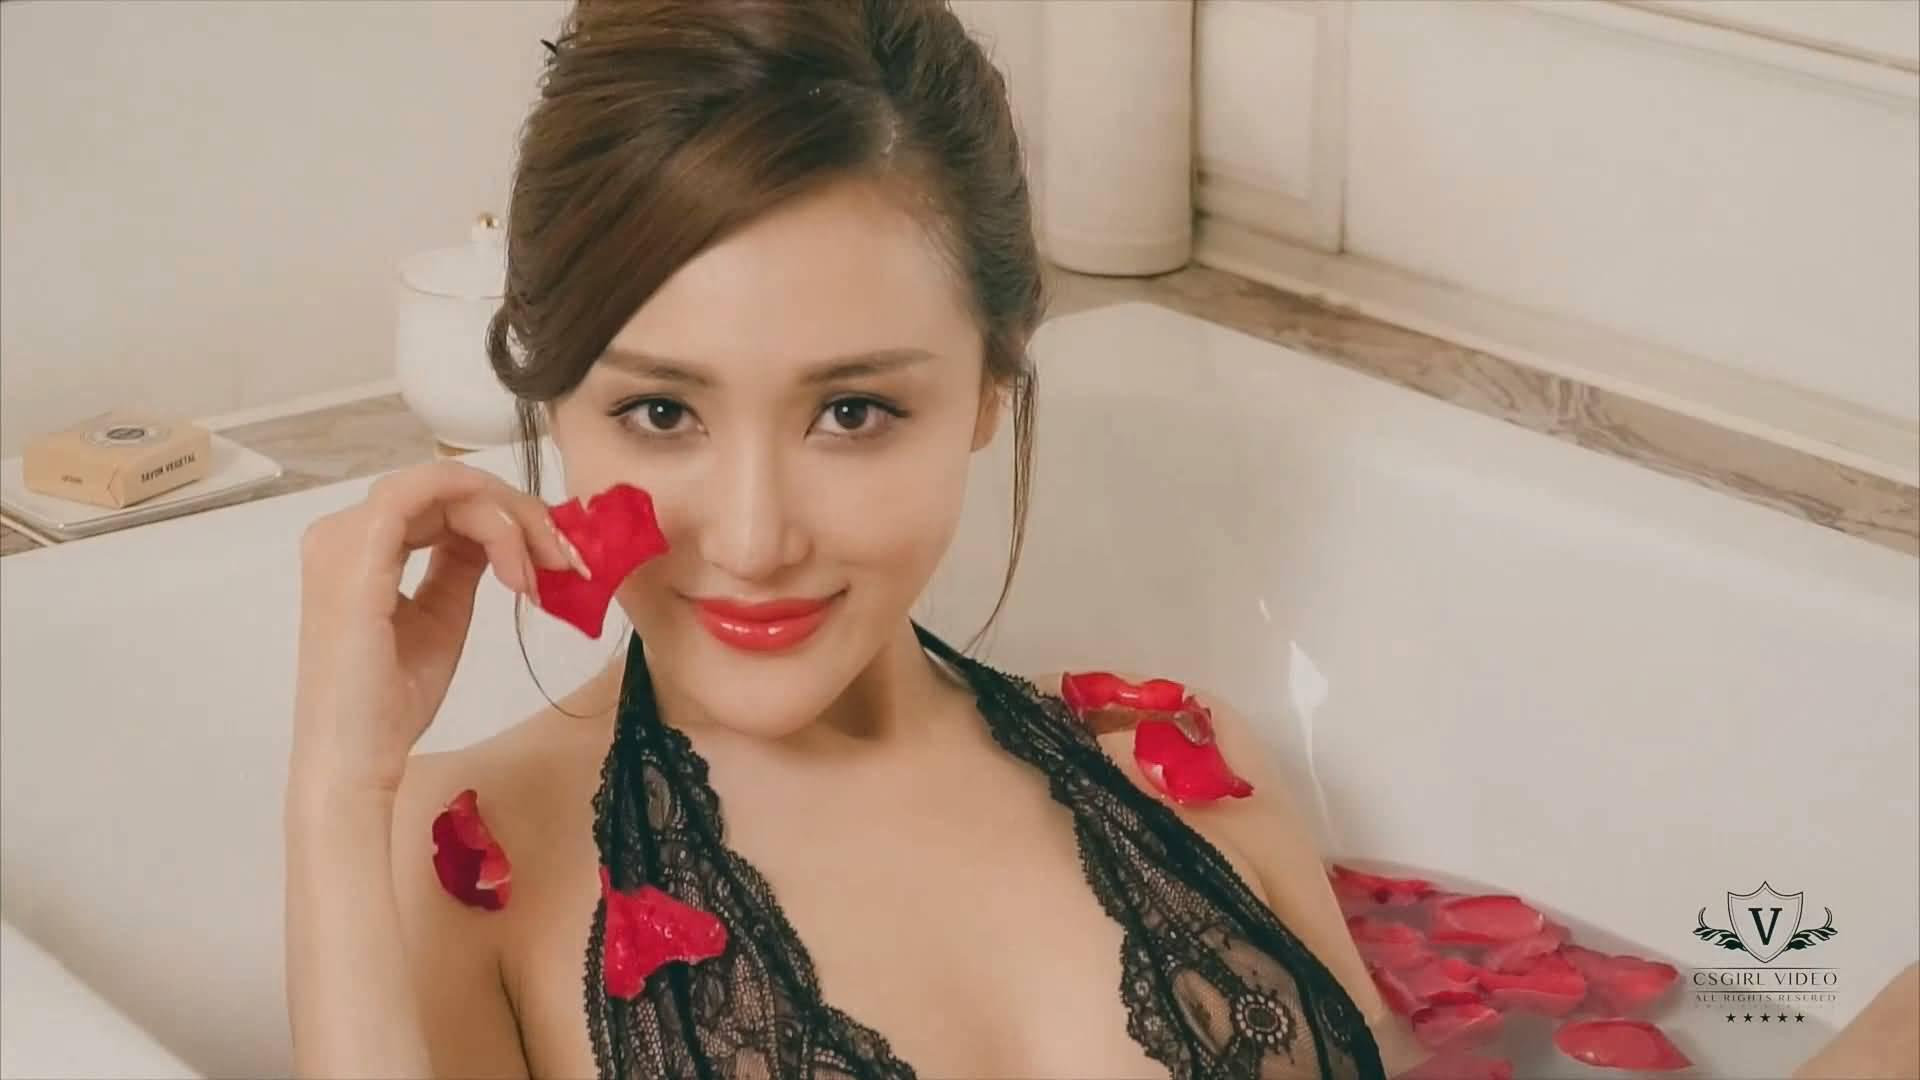 csgirl纯涩-摄影师王涛视频52部网红模特全集 6.92G